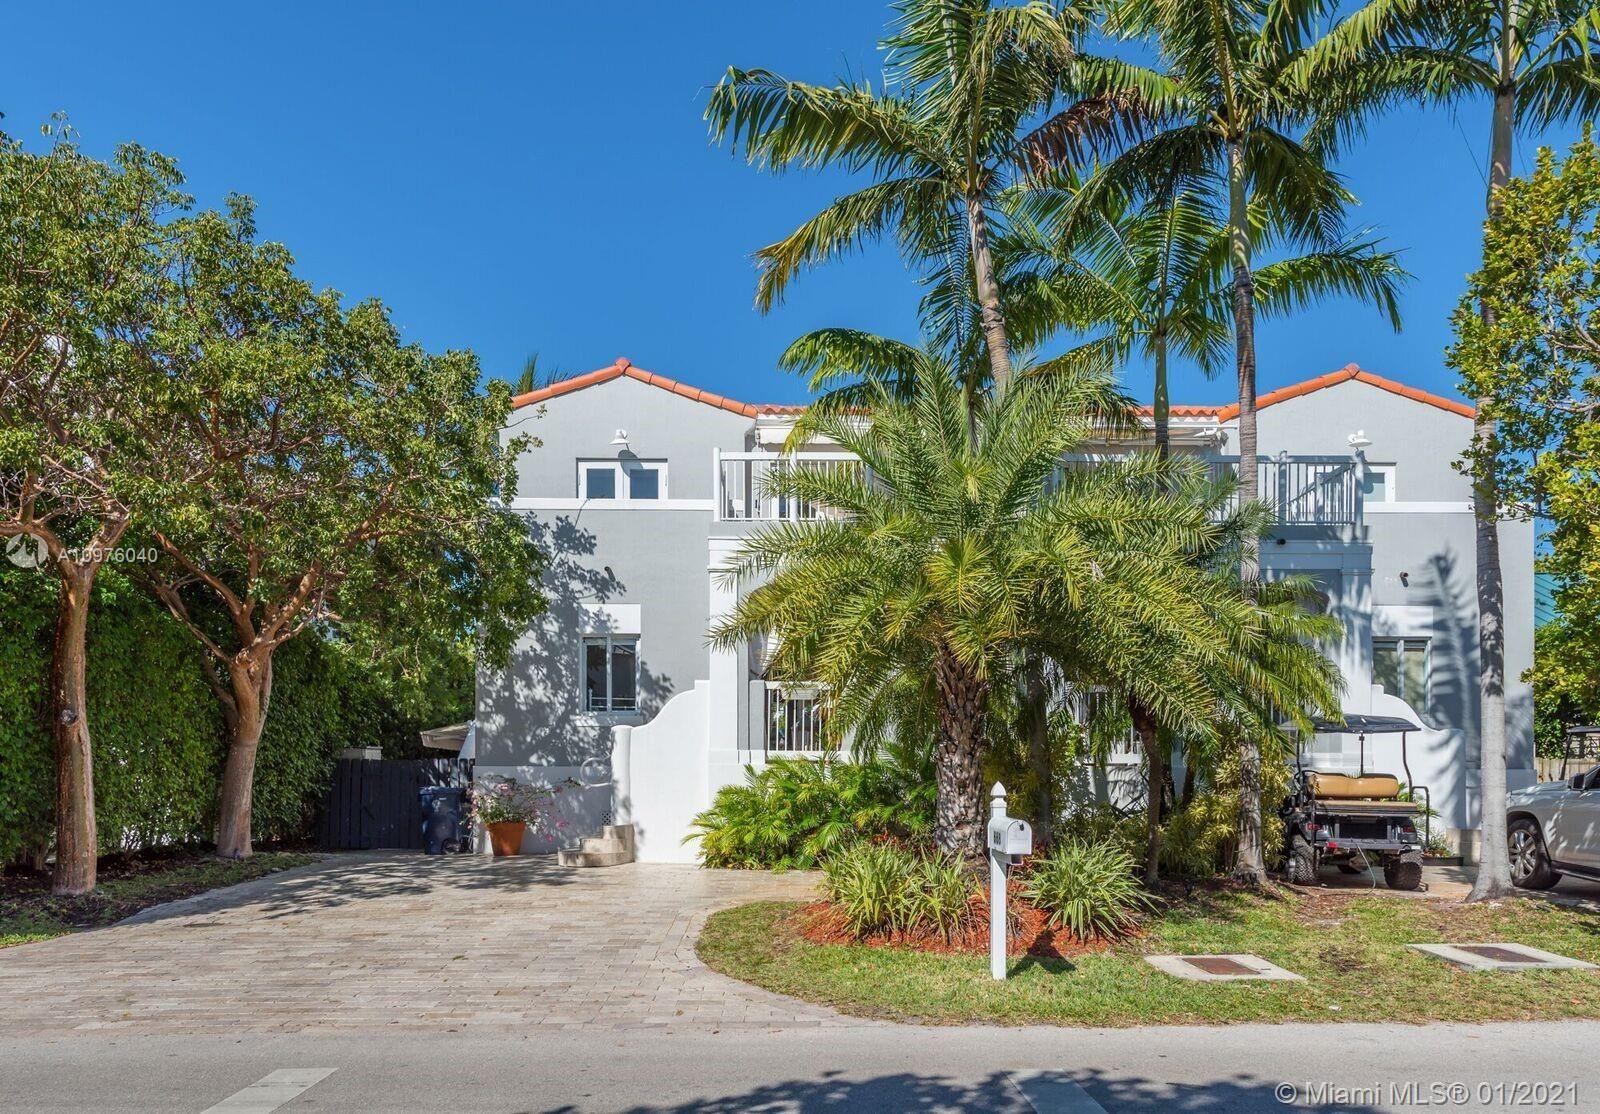 668 FERNWOOD RD, Key Biscayne, FL 33149 - #: A10976040